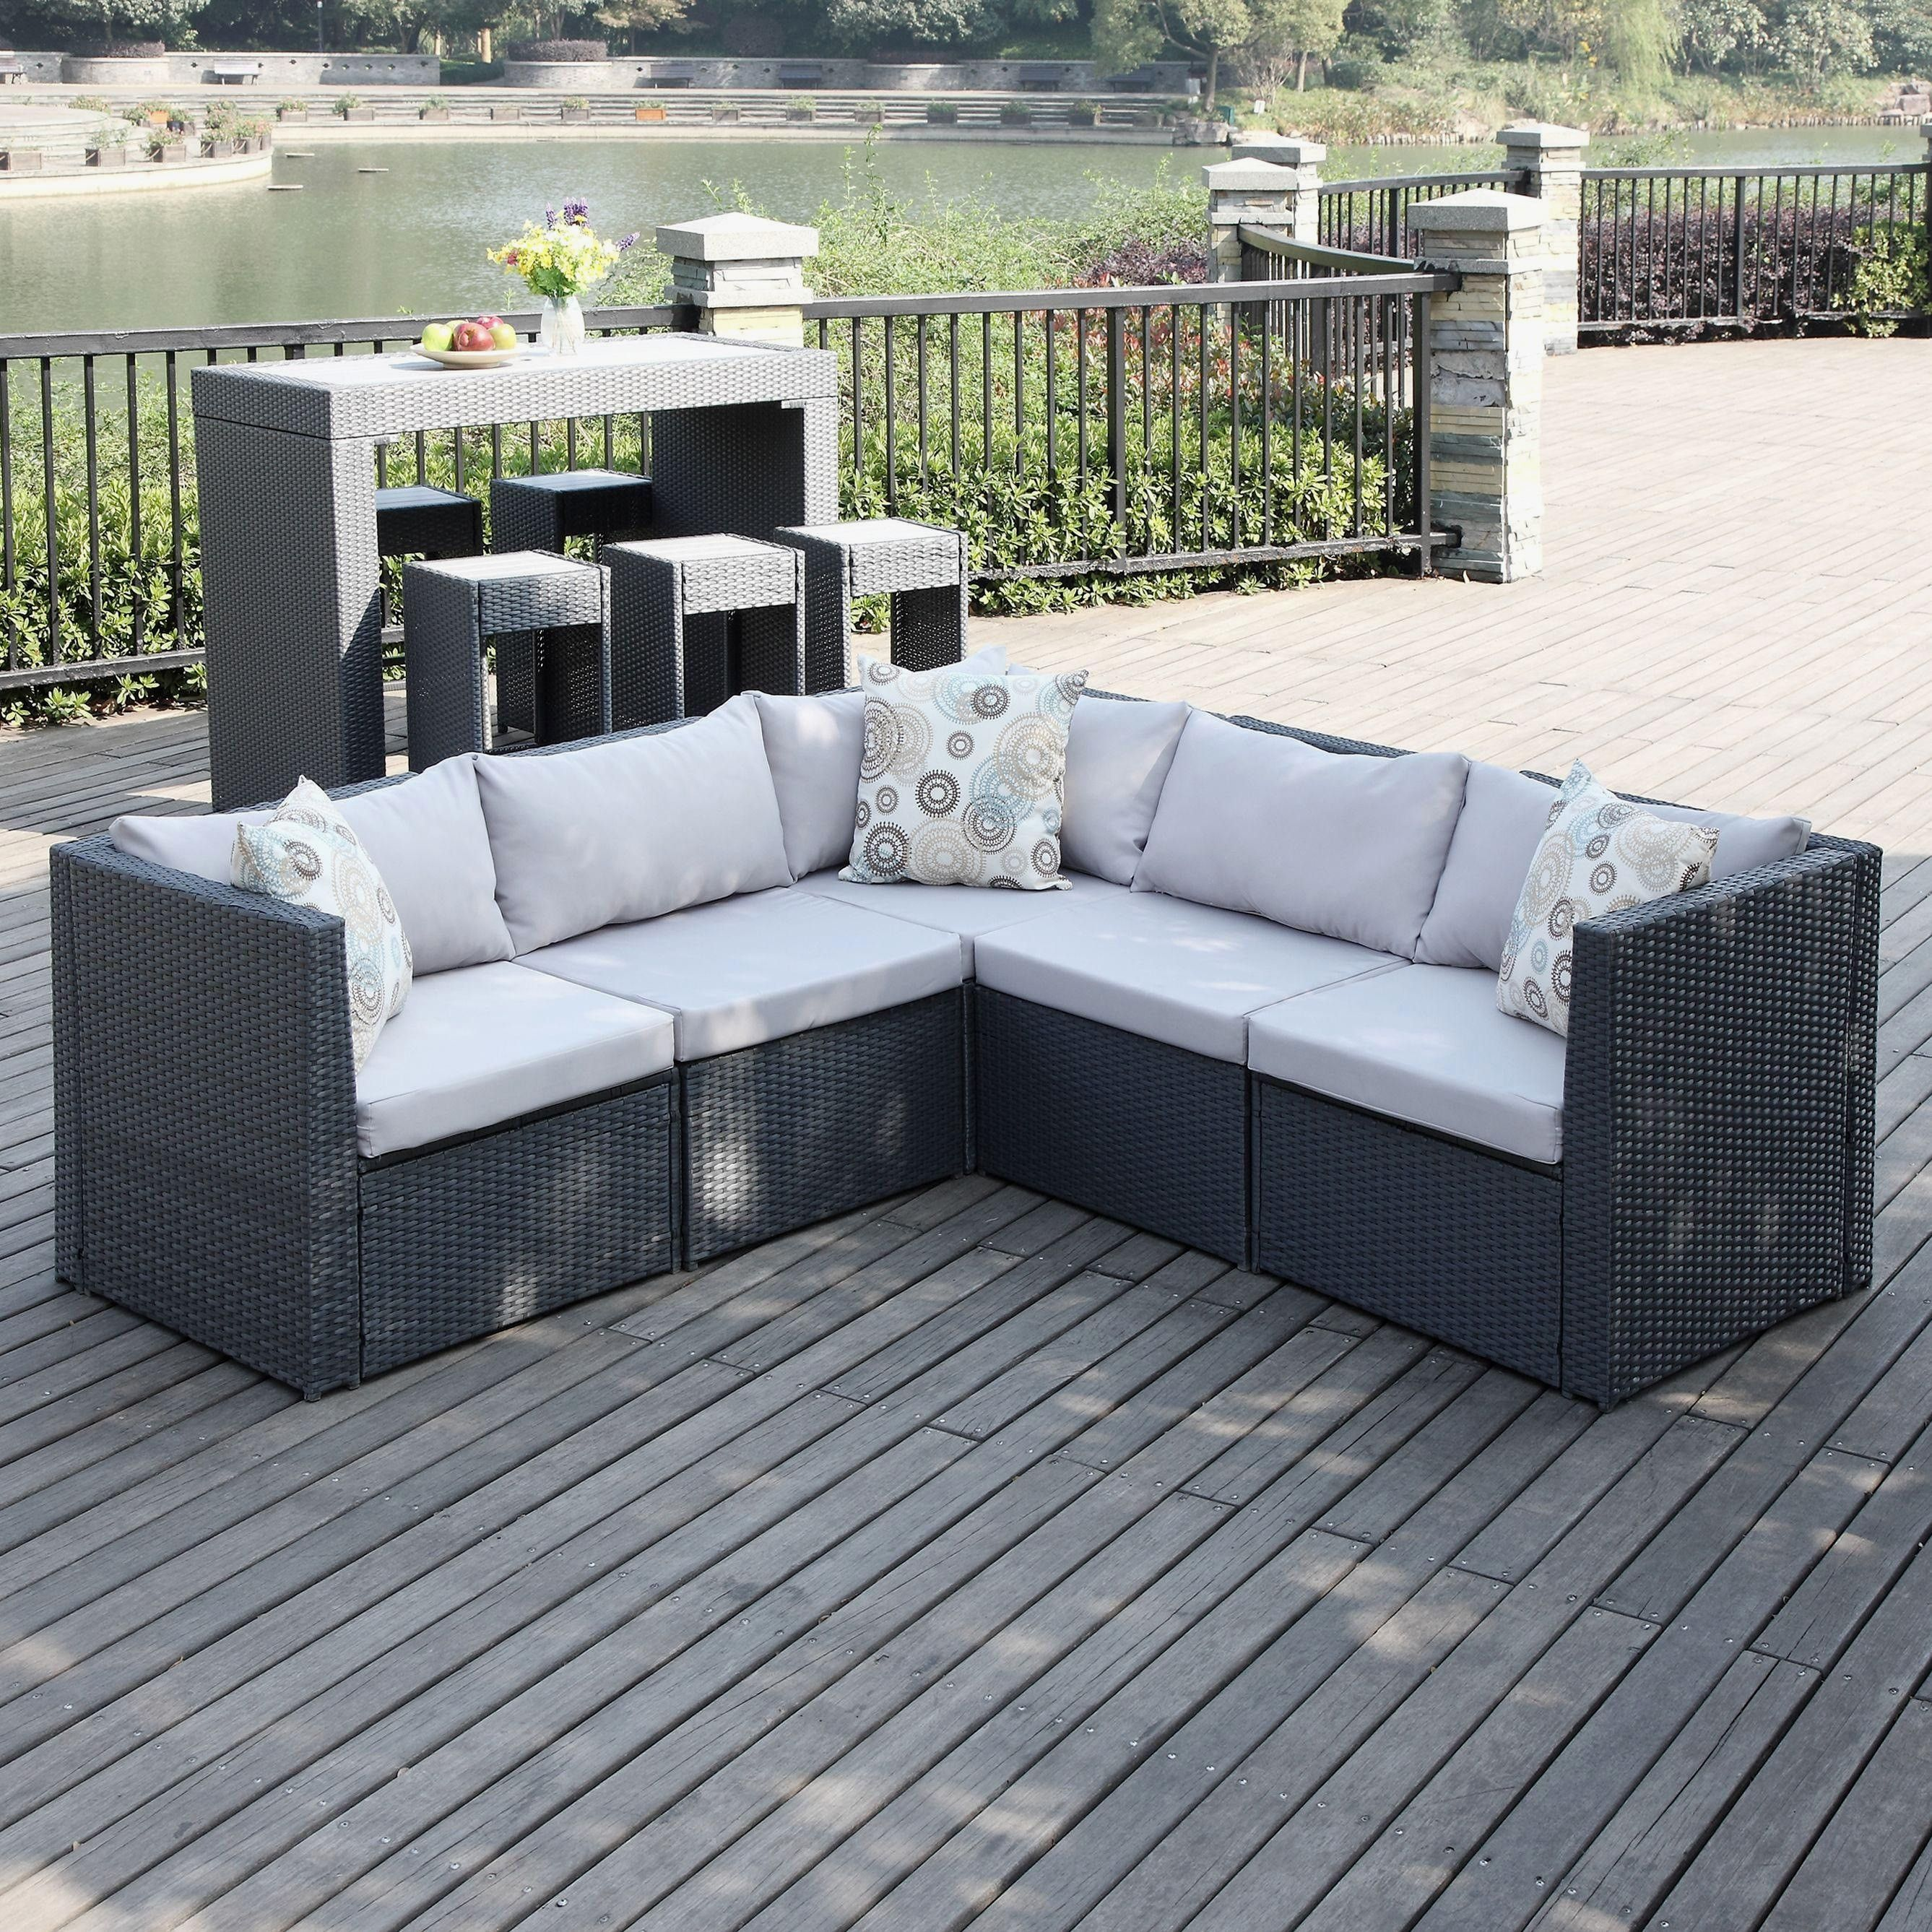 drexel heritage outdoor furniture